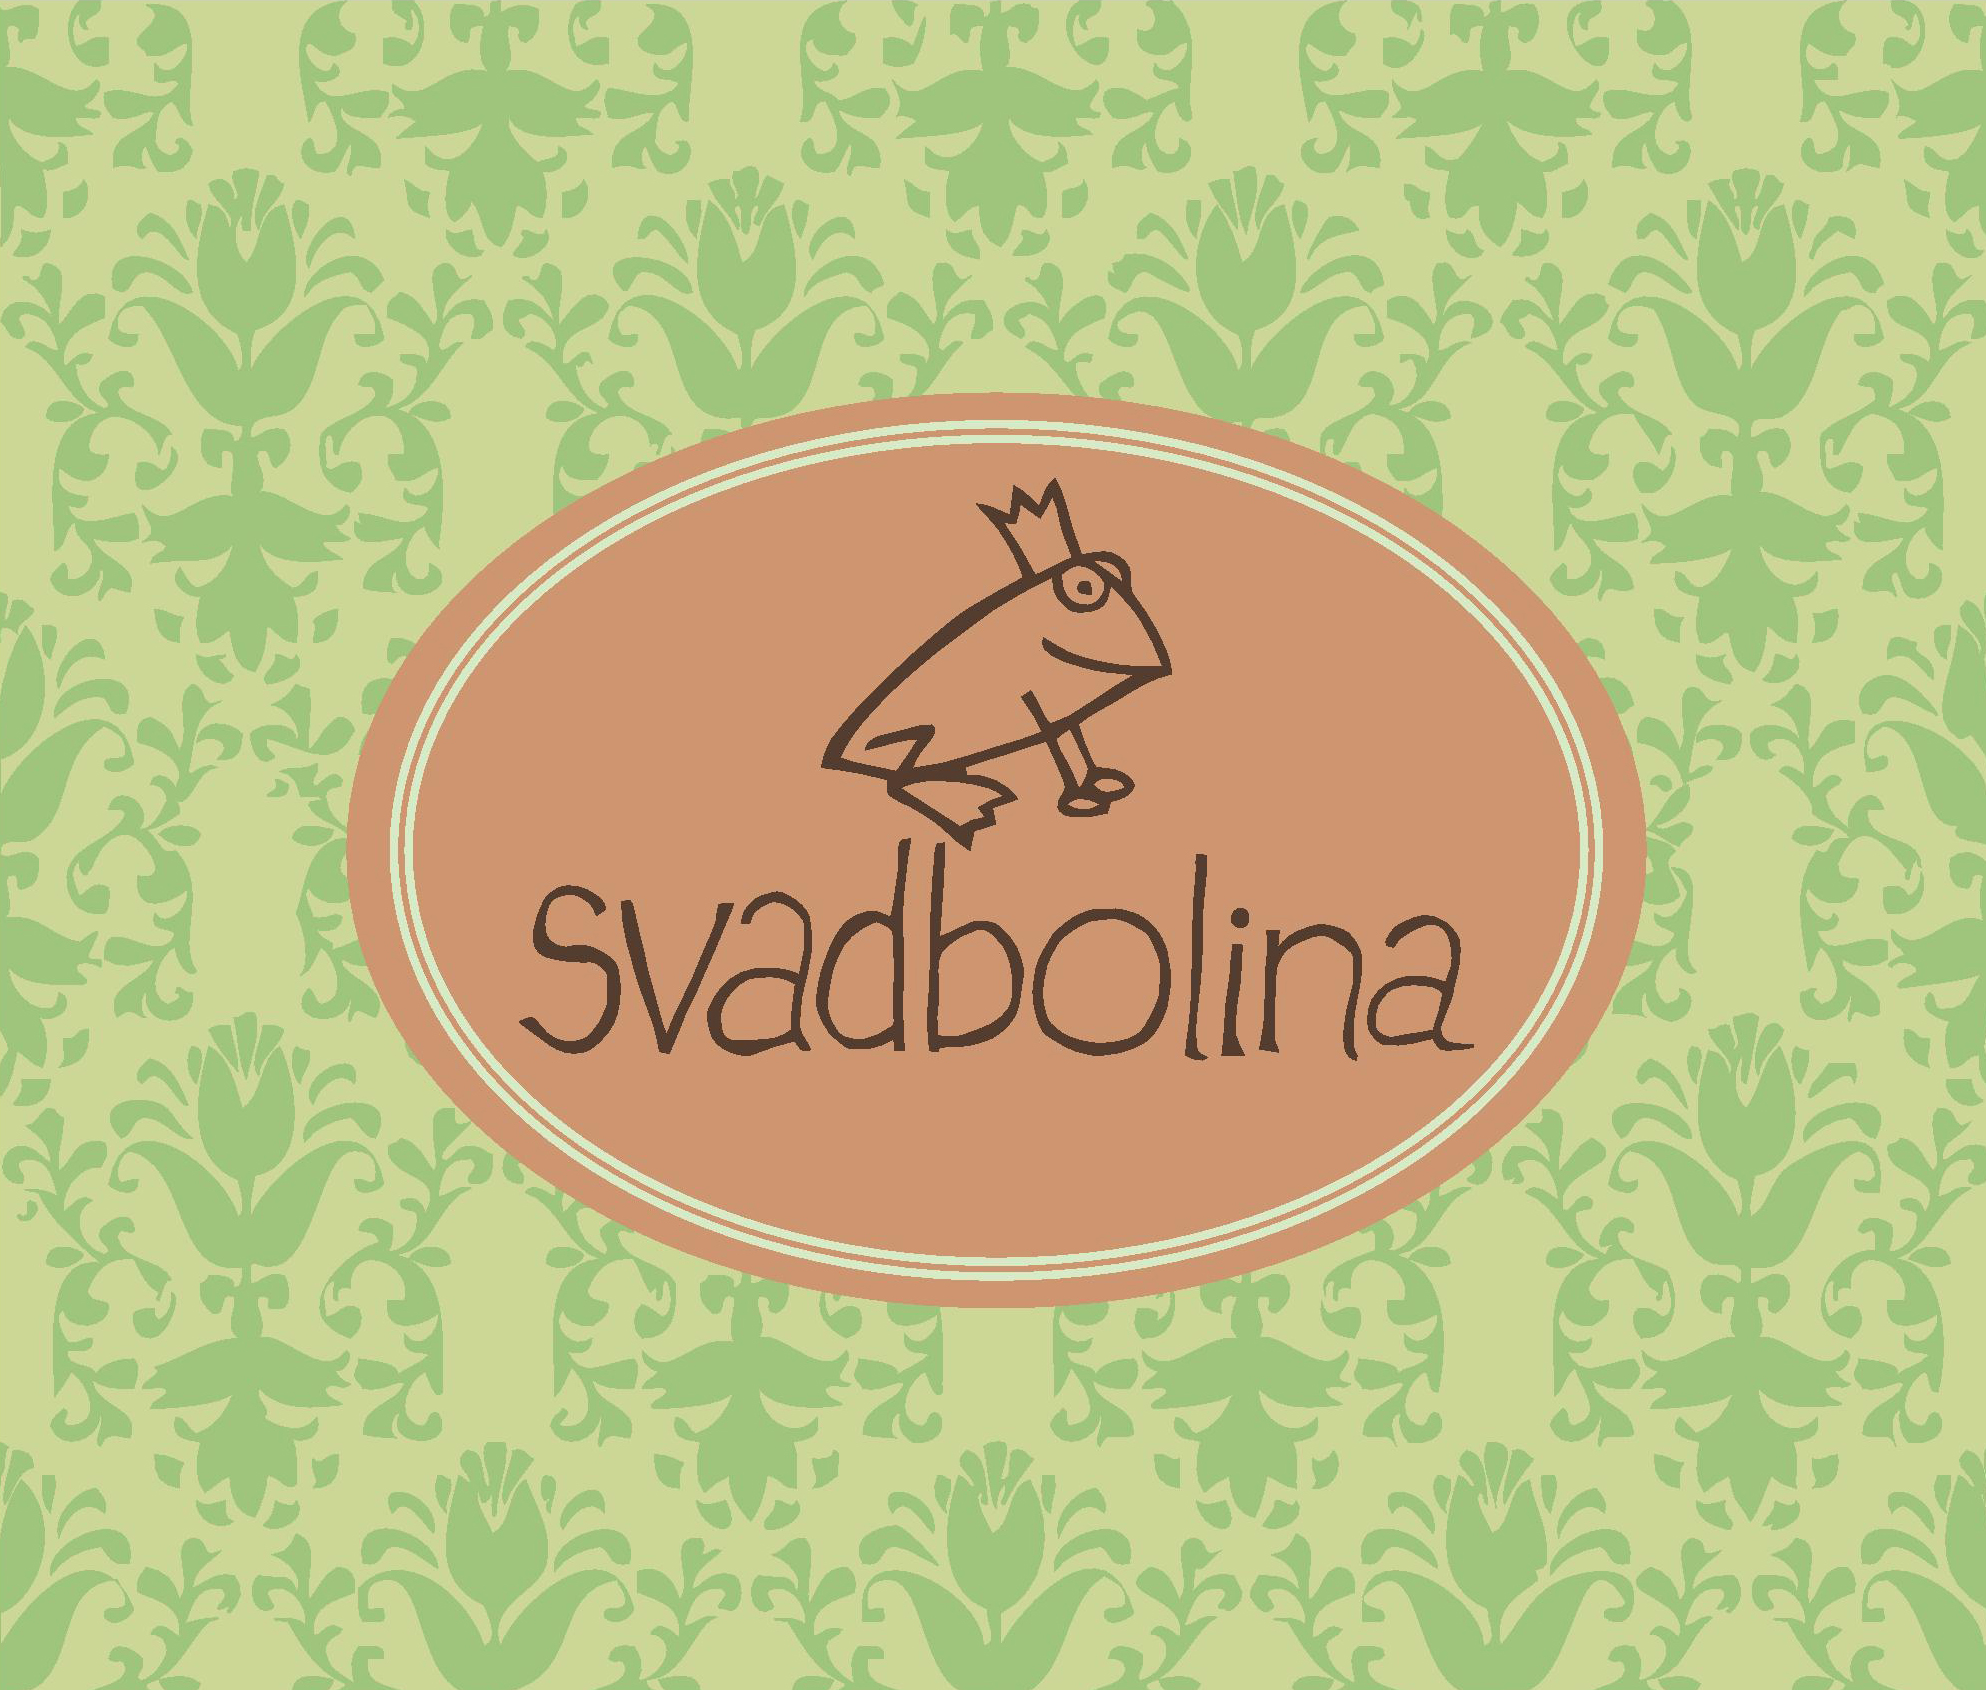 svadbolina logo na net-page-001